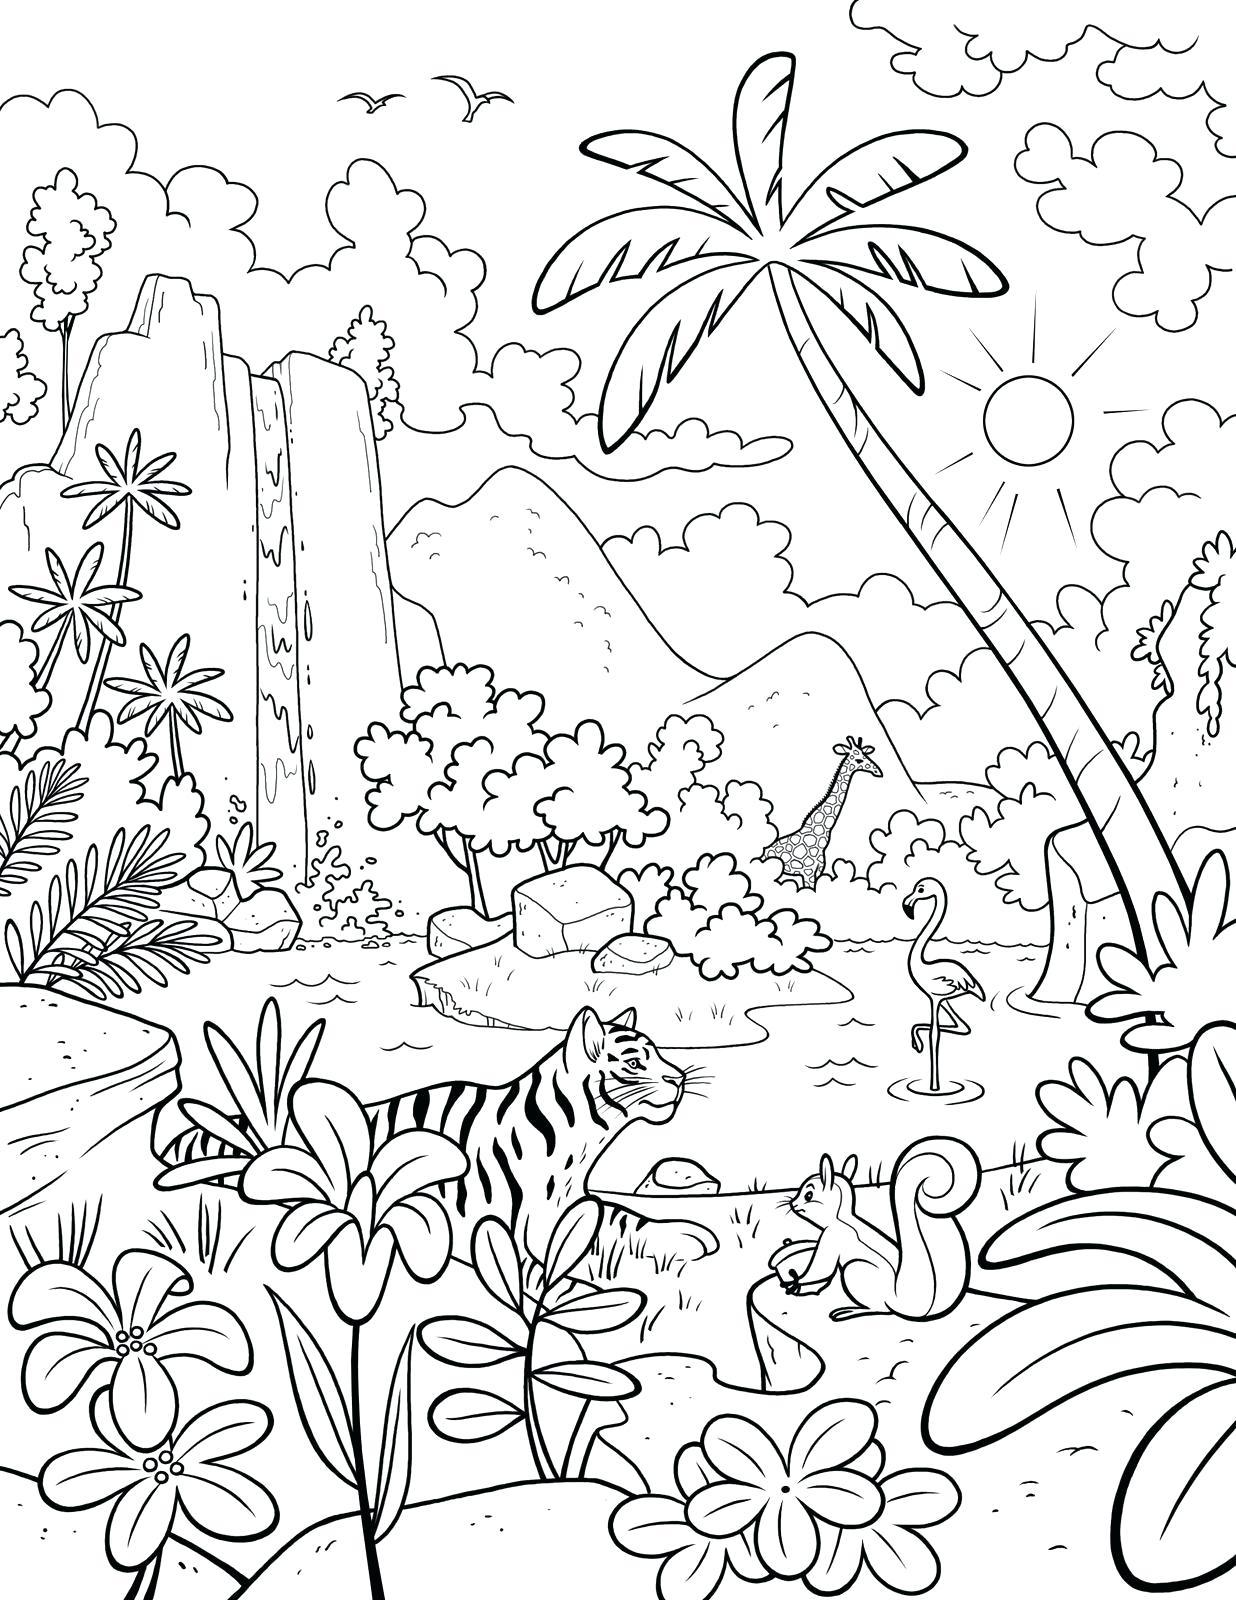 Tranh tô màu cây dừa trong trong rừng rậm